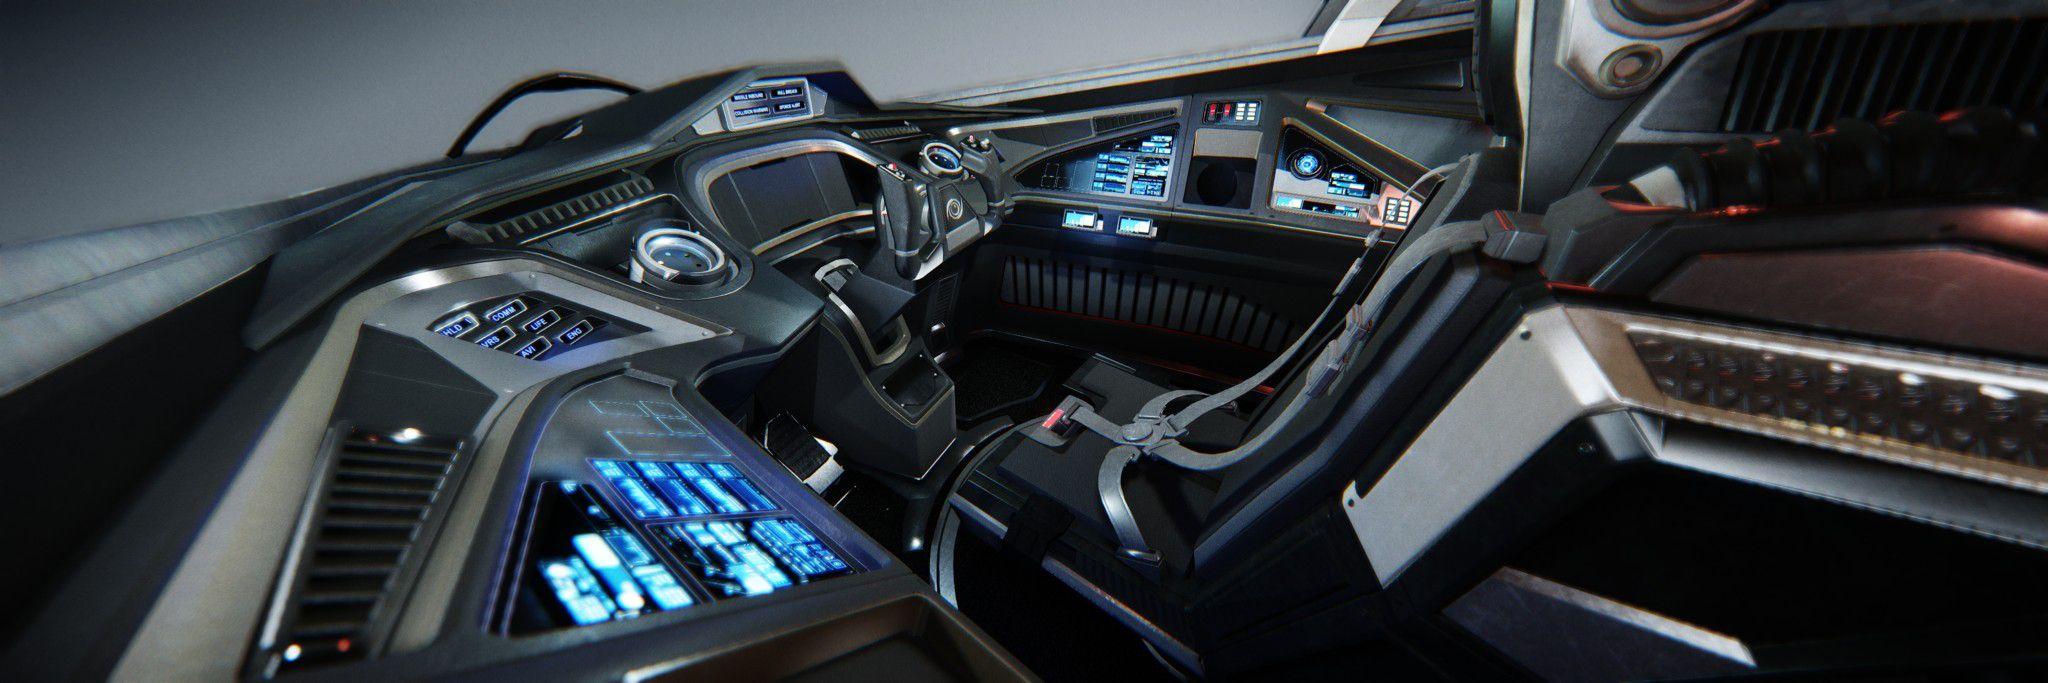 Spaceship Cockpit Interior Google Search Sci Fi